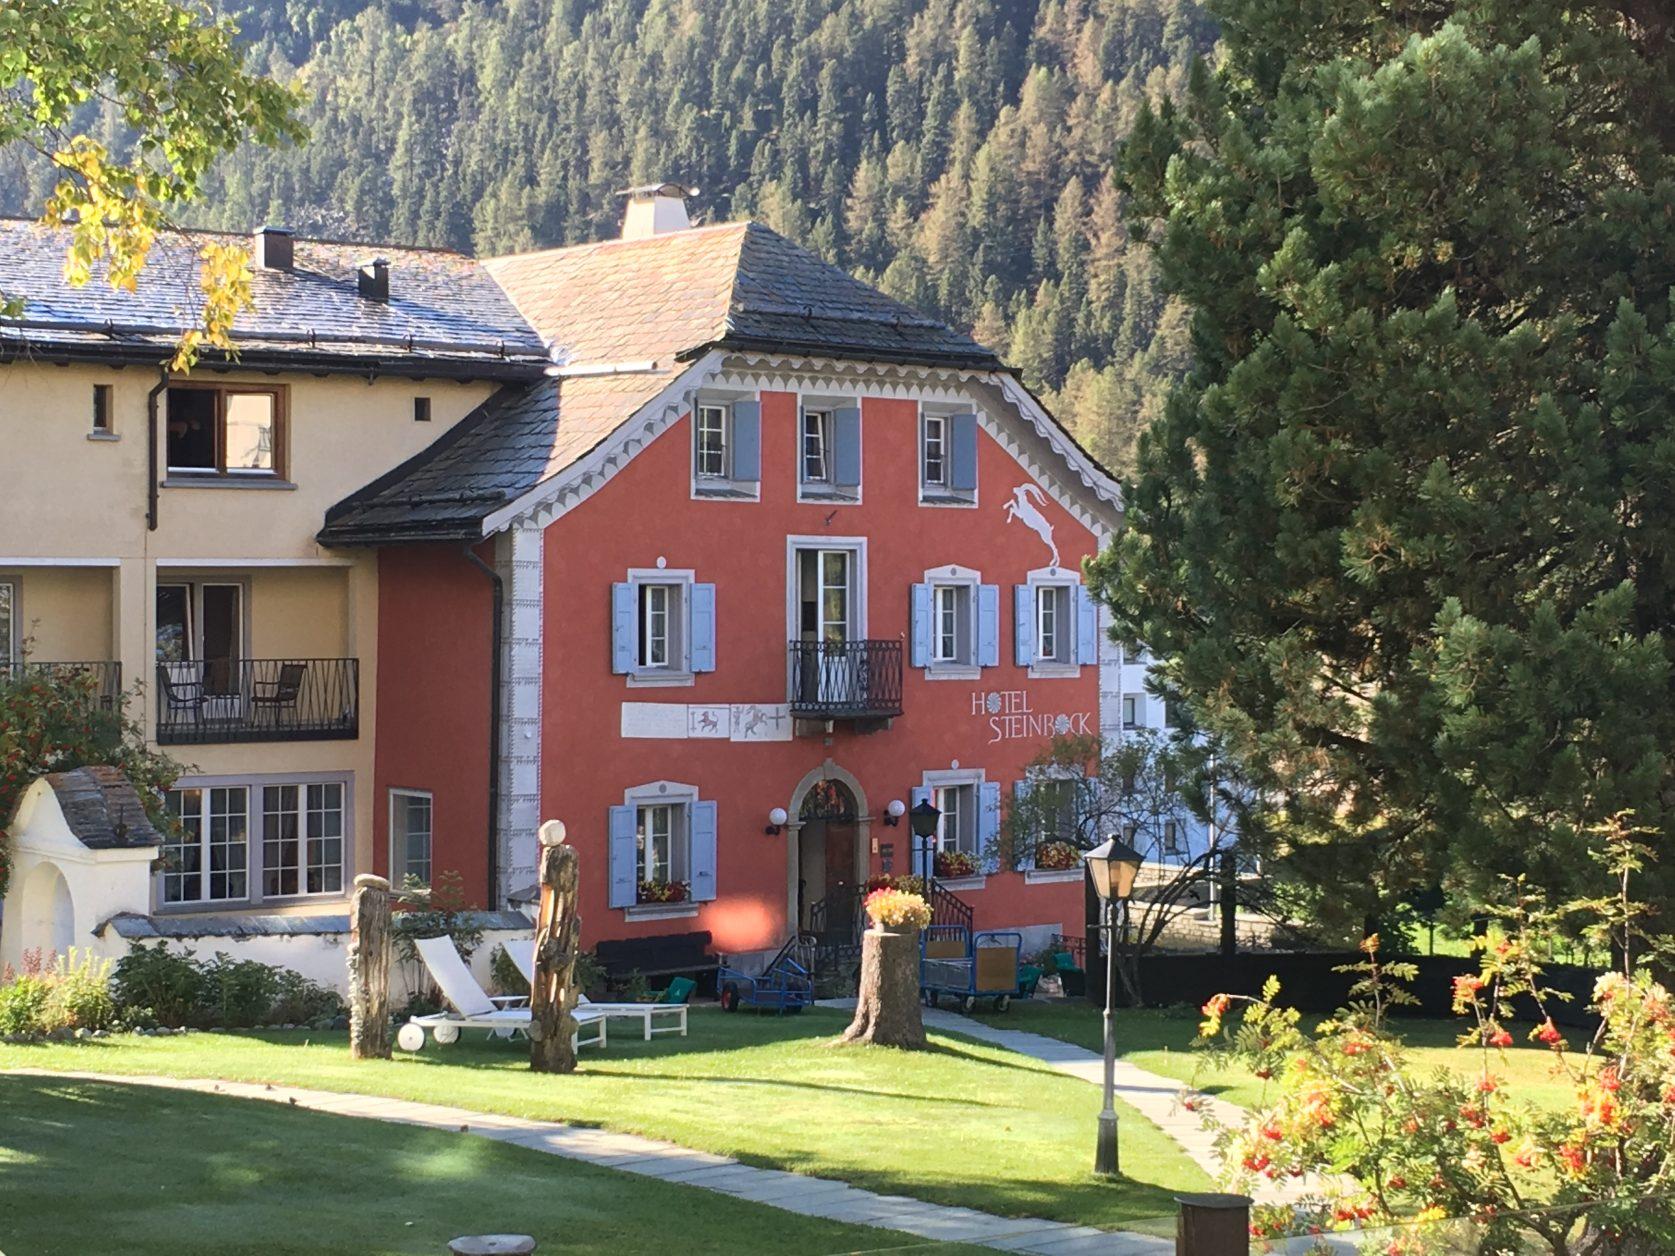 Hotel Steinbock gehört zum Hotel Walther in Pontresina, Foto: Weirauch